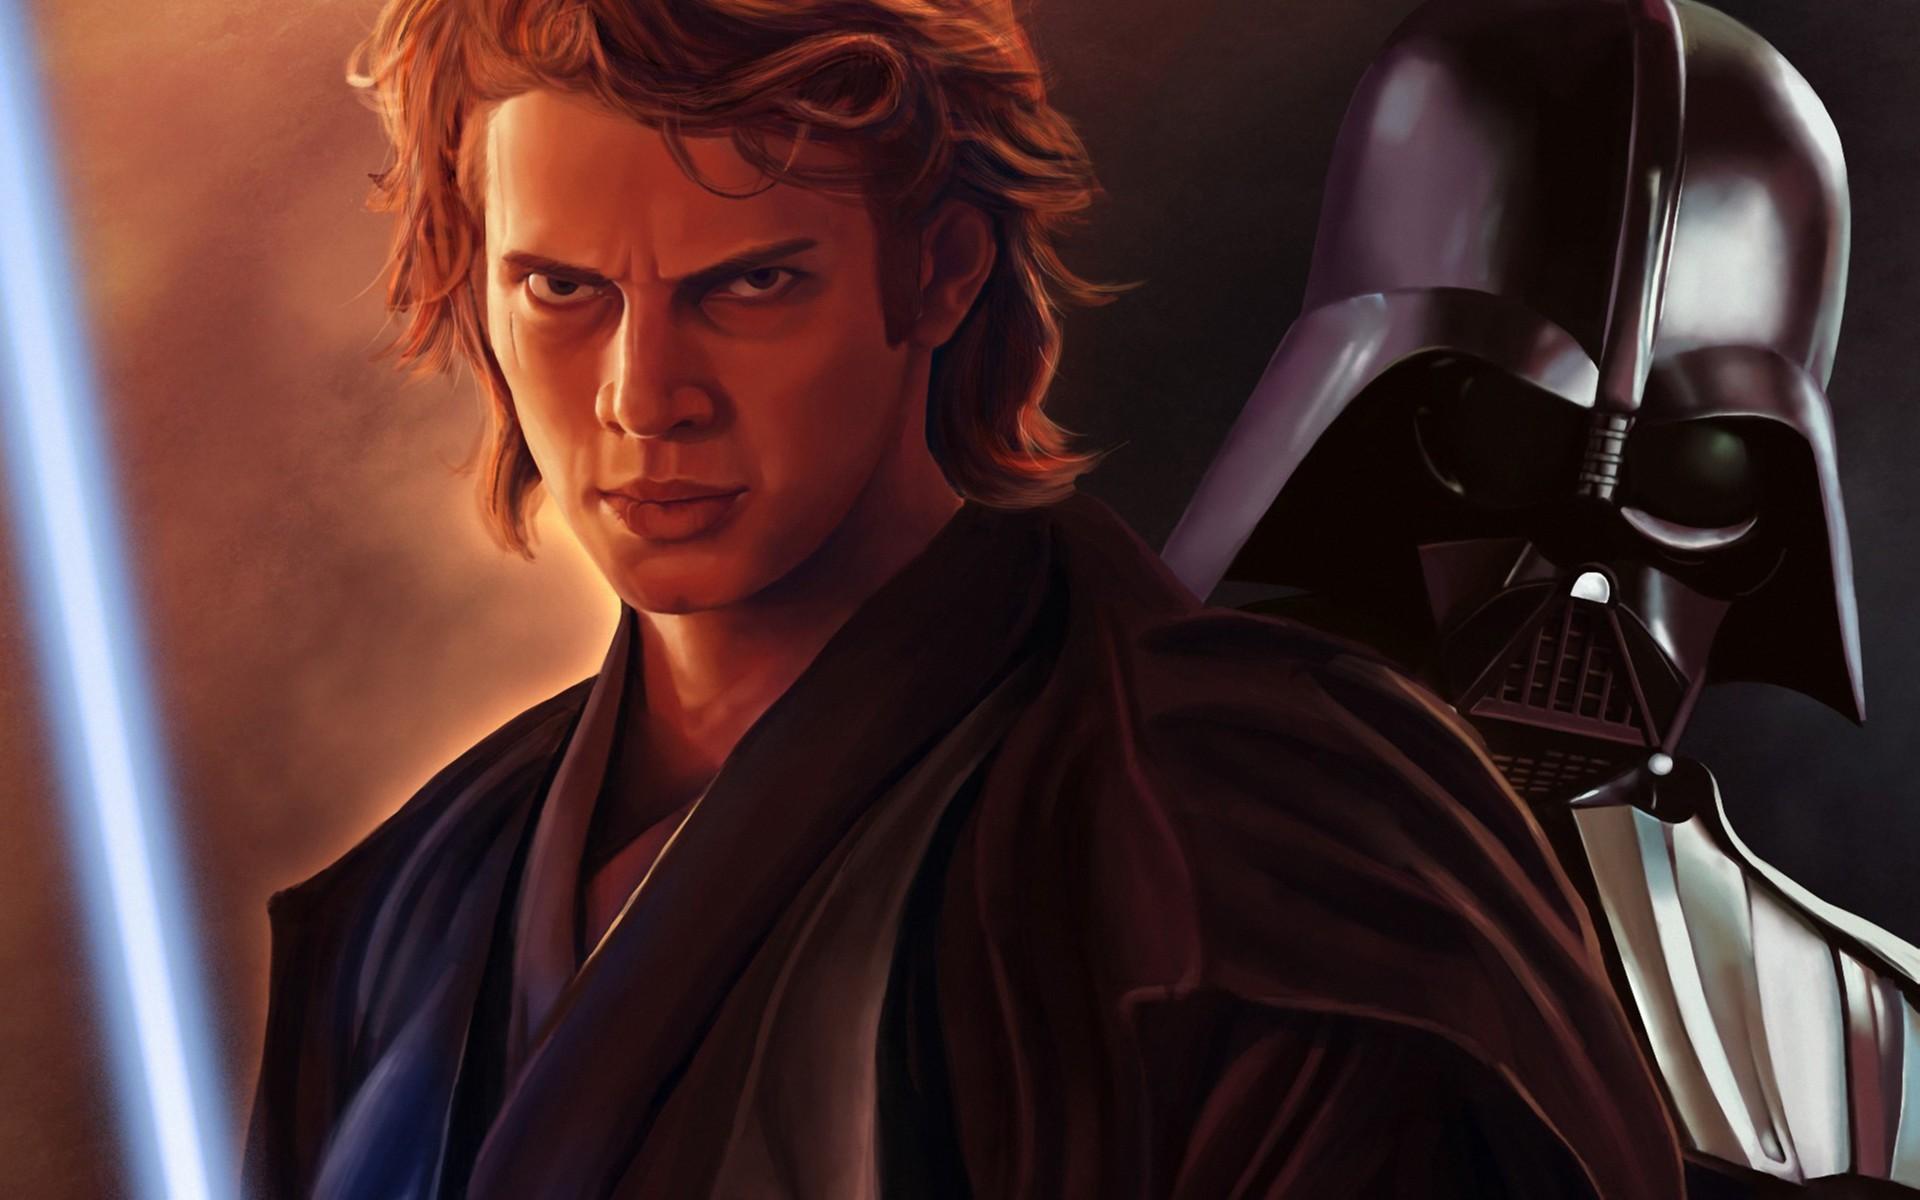 star wars Hayden Christensen Anakin Skywalker Dart Vader lightsaber 1920x1200